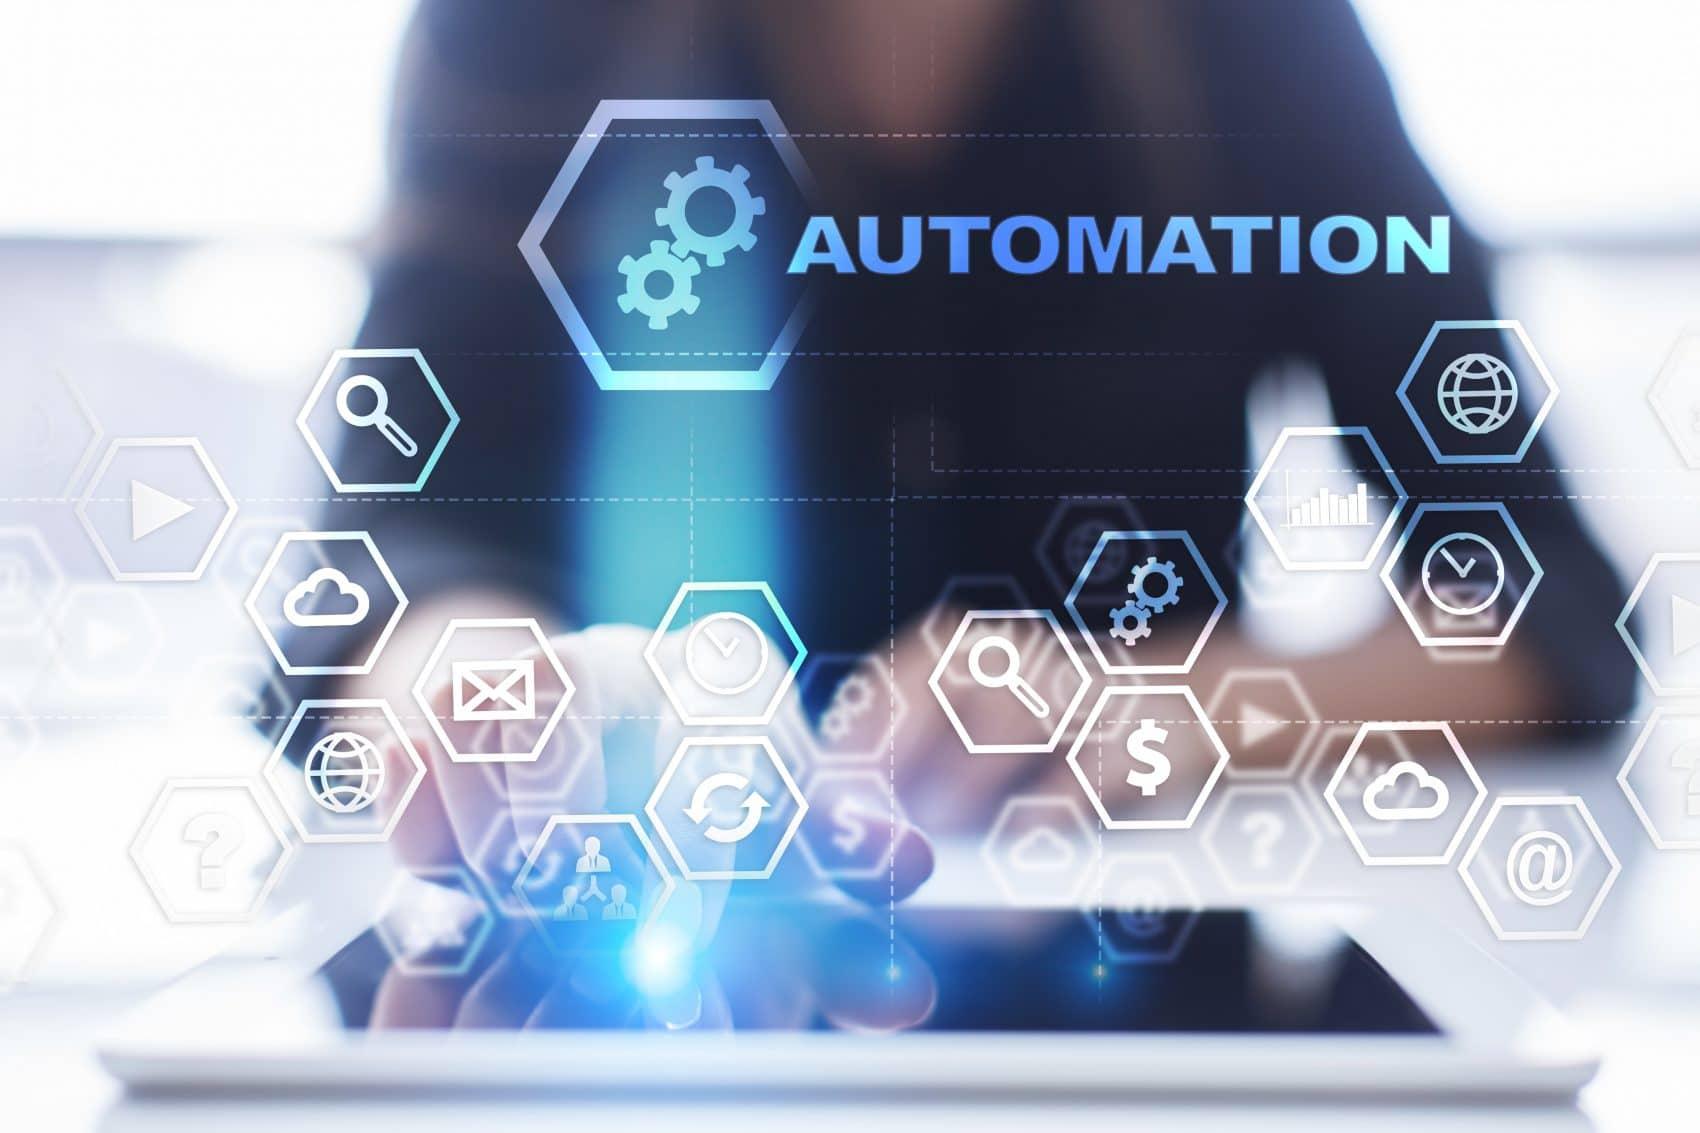 Ce qu'il faut savoir sur le marketing automation